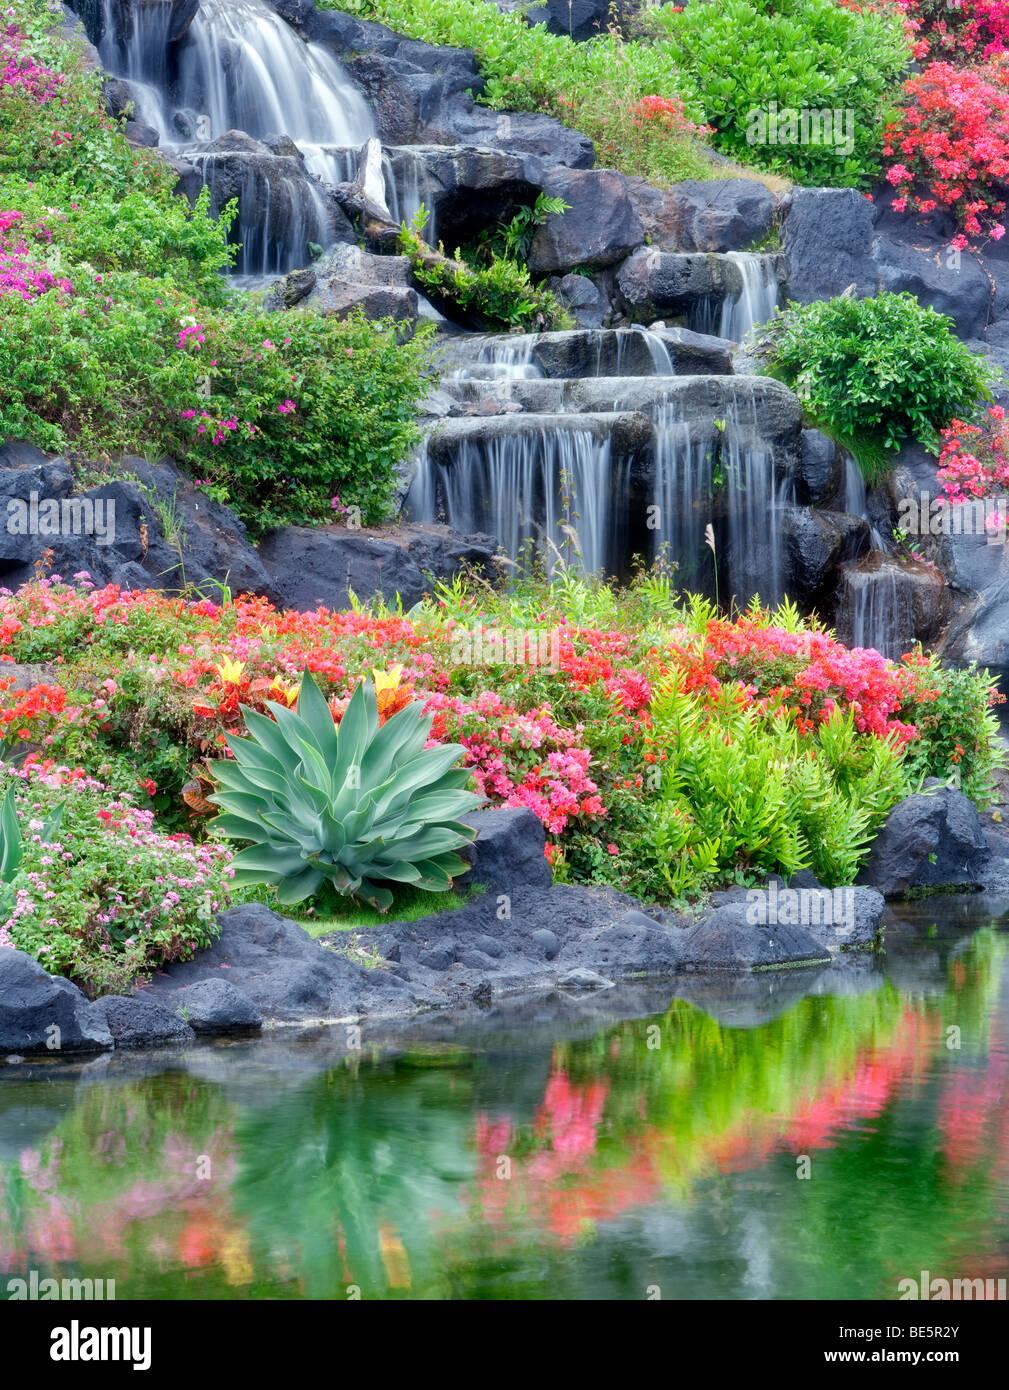 Waterfalls And Flower Gardens At The Grand Hyatt, Kauai